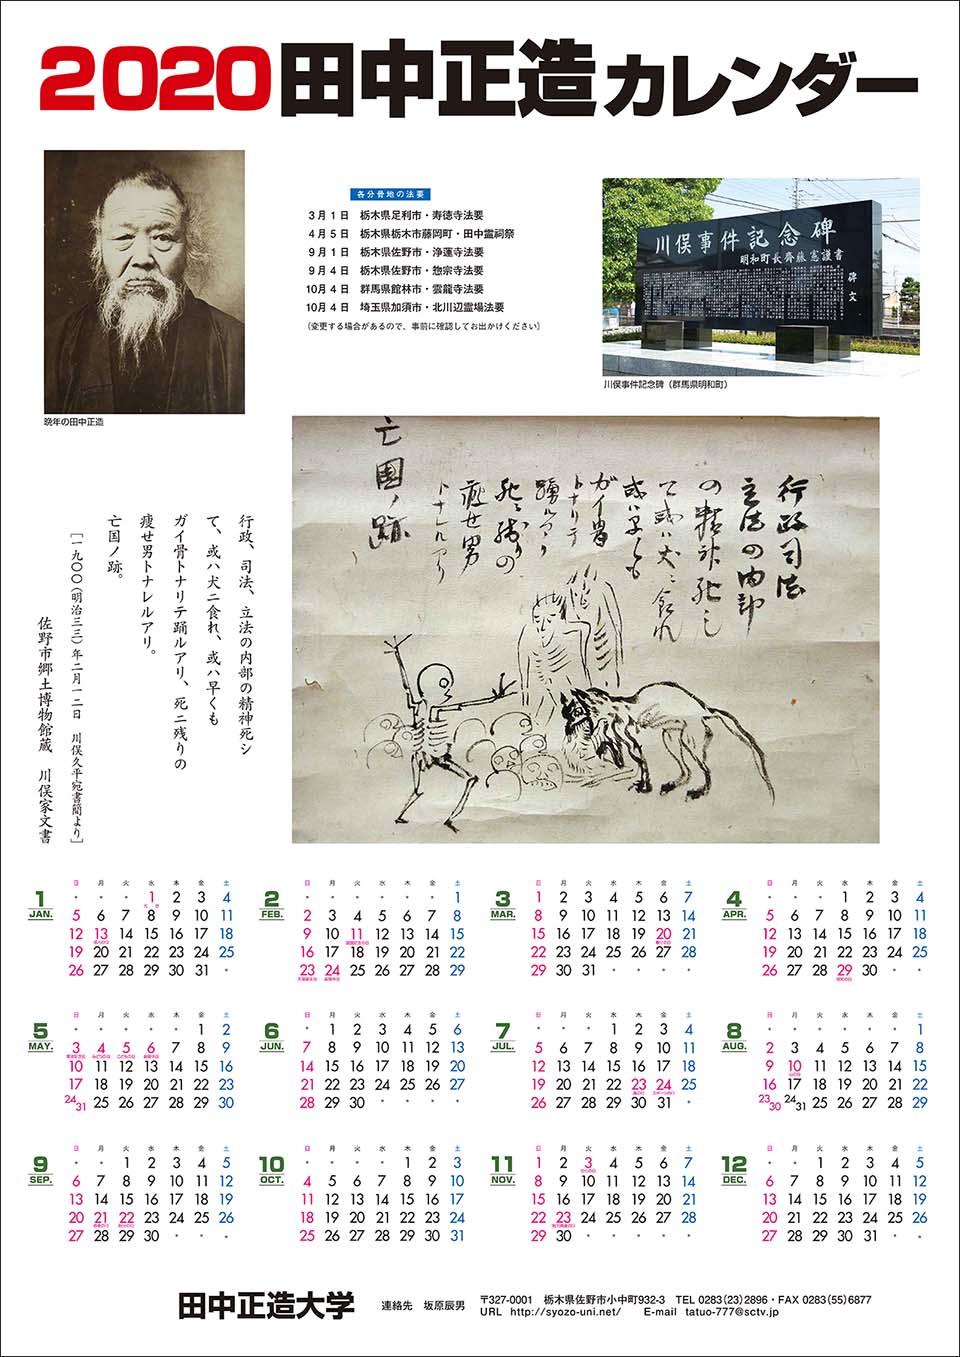 2020田中正造カレンダー